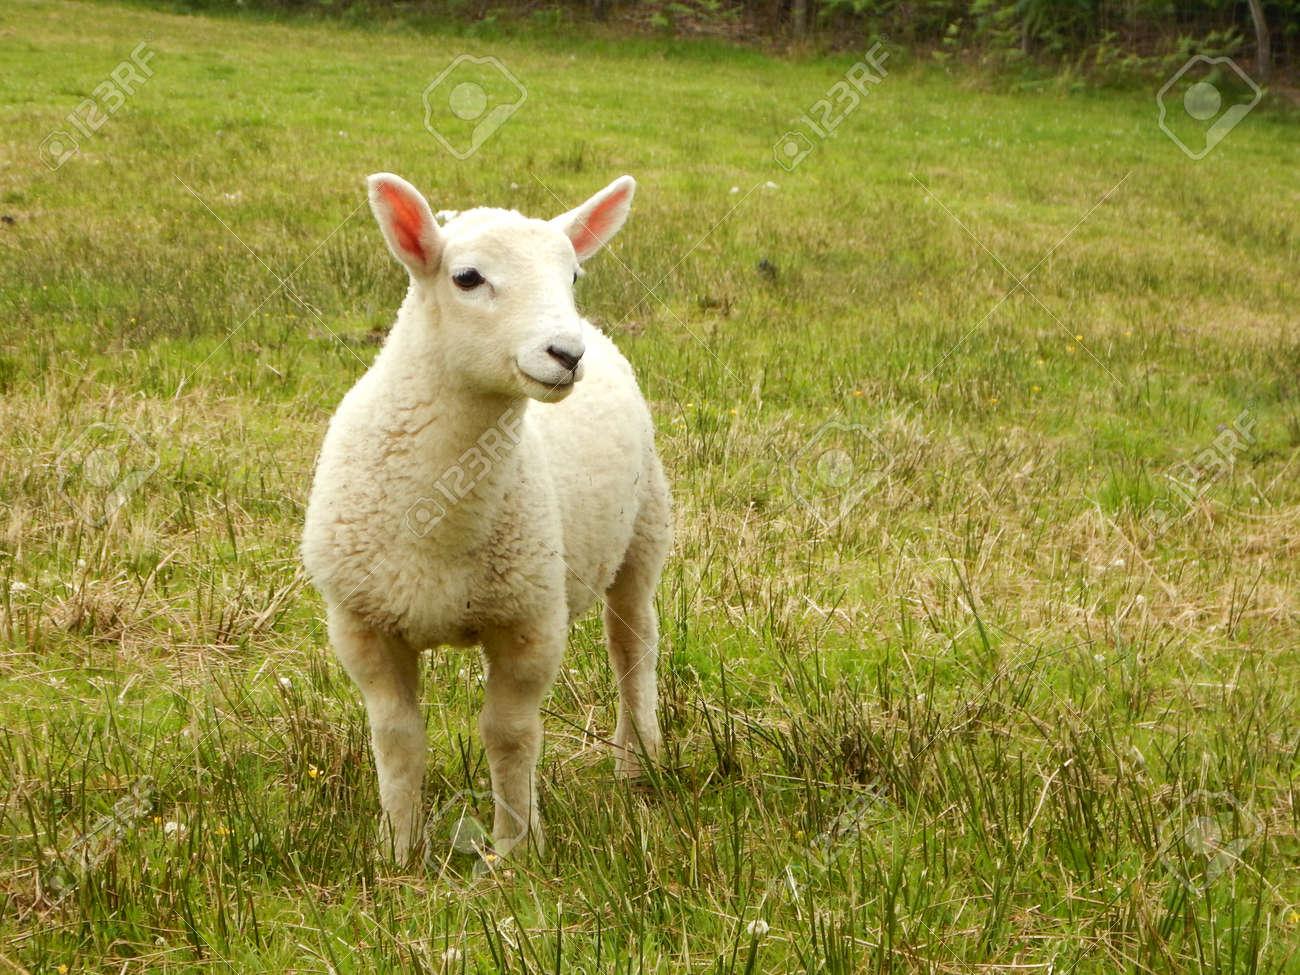 Single lamb in field - 132057362